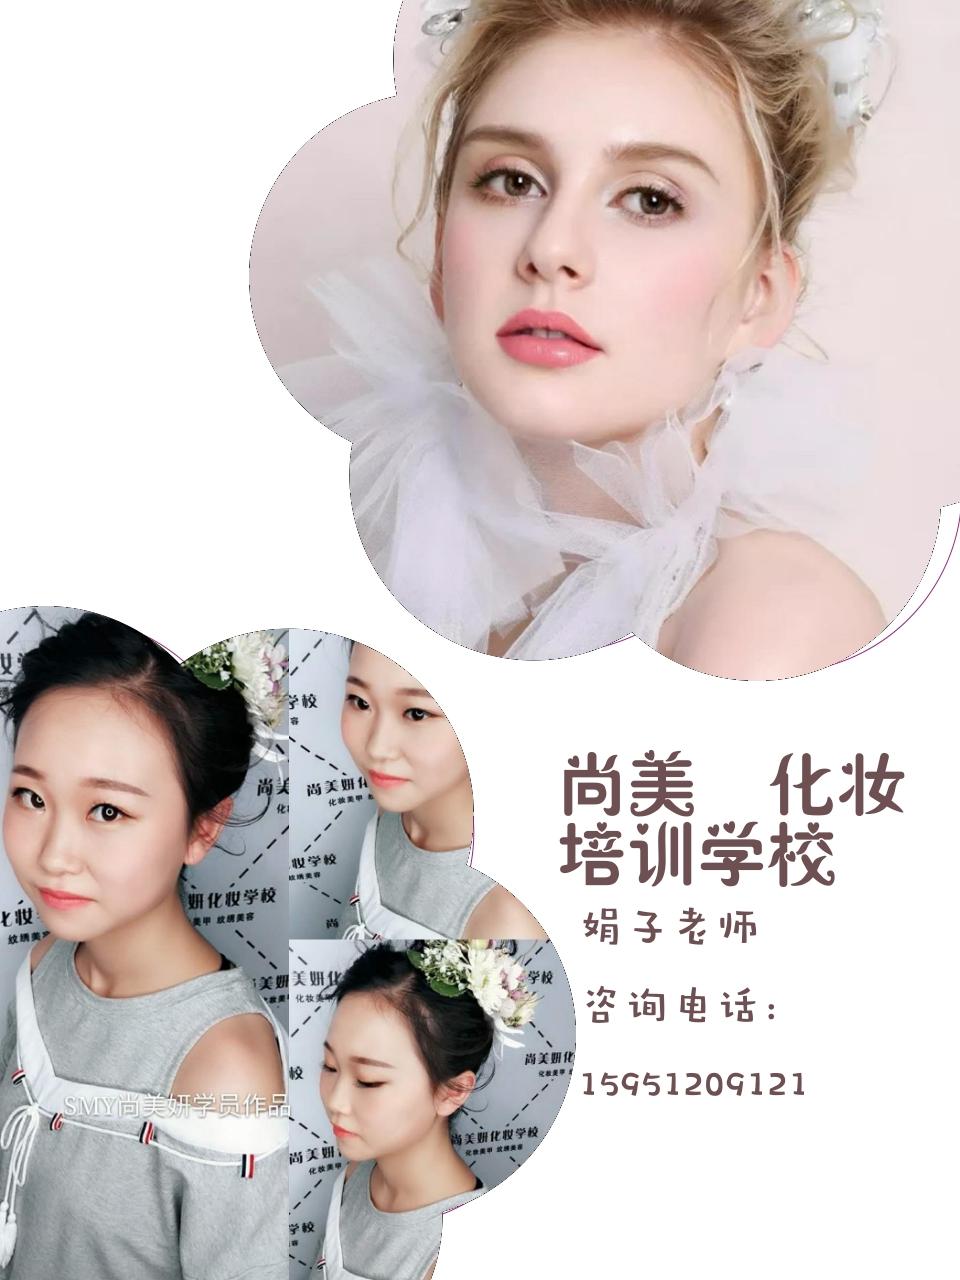 该奋斗的年龄不要选择尙美妍专业美容化妆半永久美甲培训